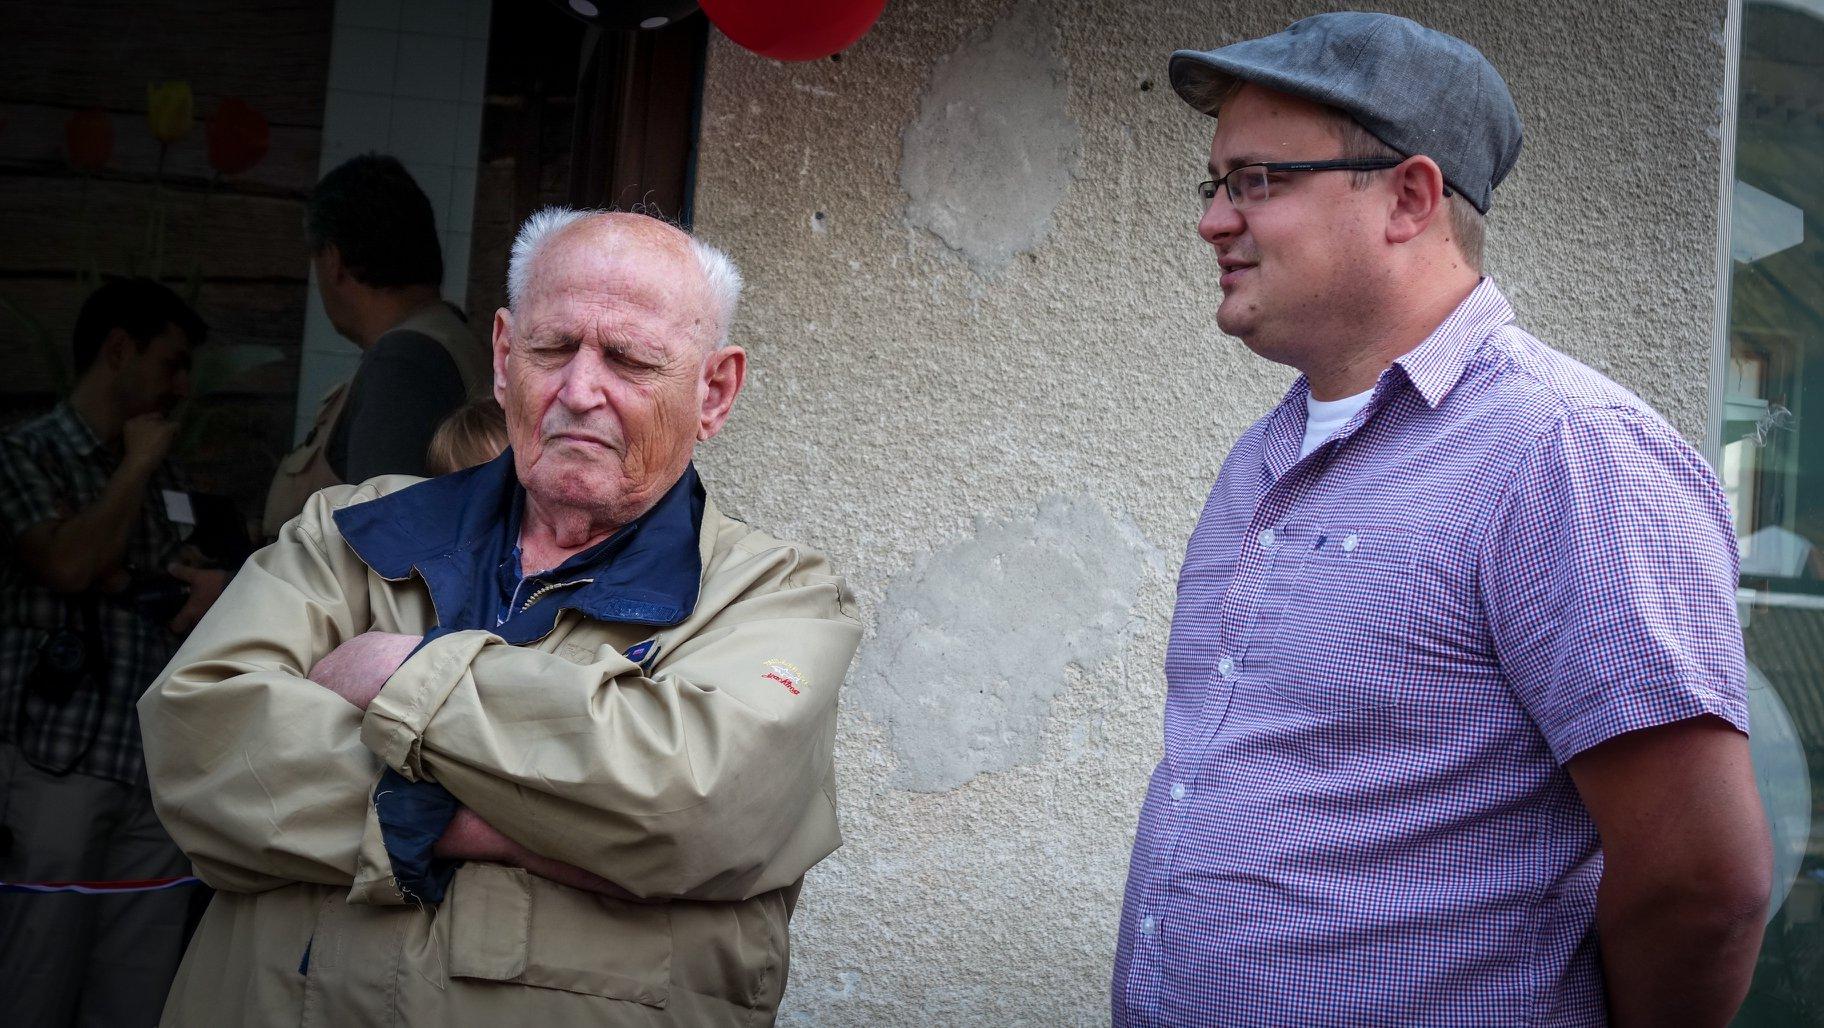 Legenda petrinjskog lončarstva Matej Stanešić i njegov učenik  Valentino Valent, danas uspješan umjetnik i lončarski poduzetnik, na otvorenju Glinene priče